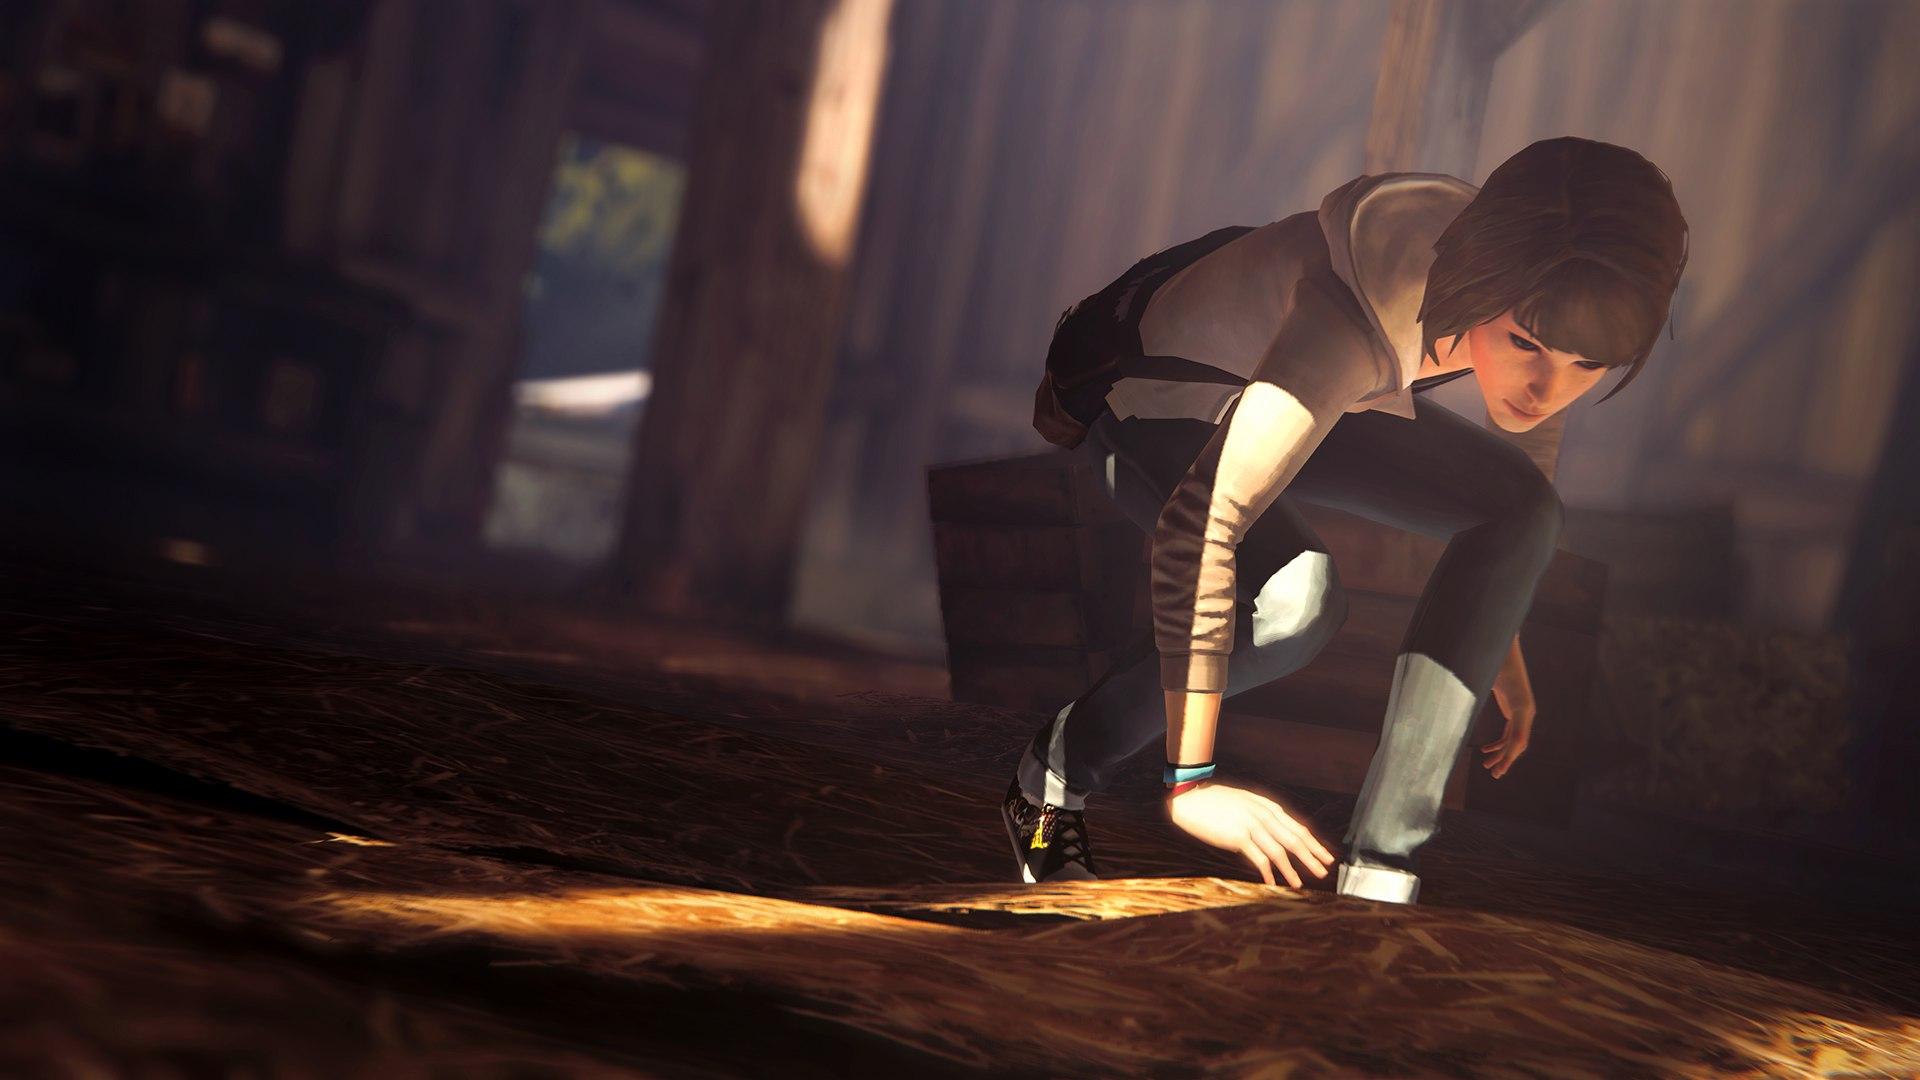 Официальный скриншот четвёртого эпизода игры Life is Strange